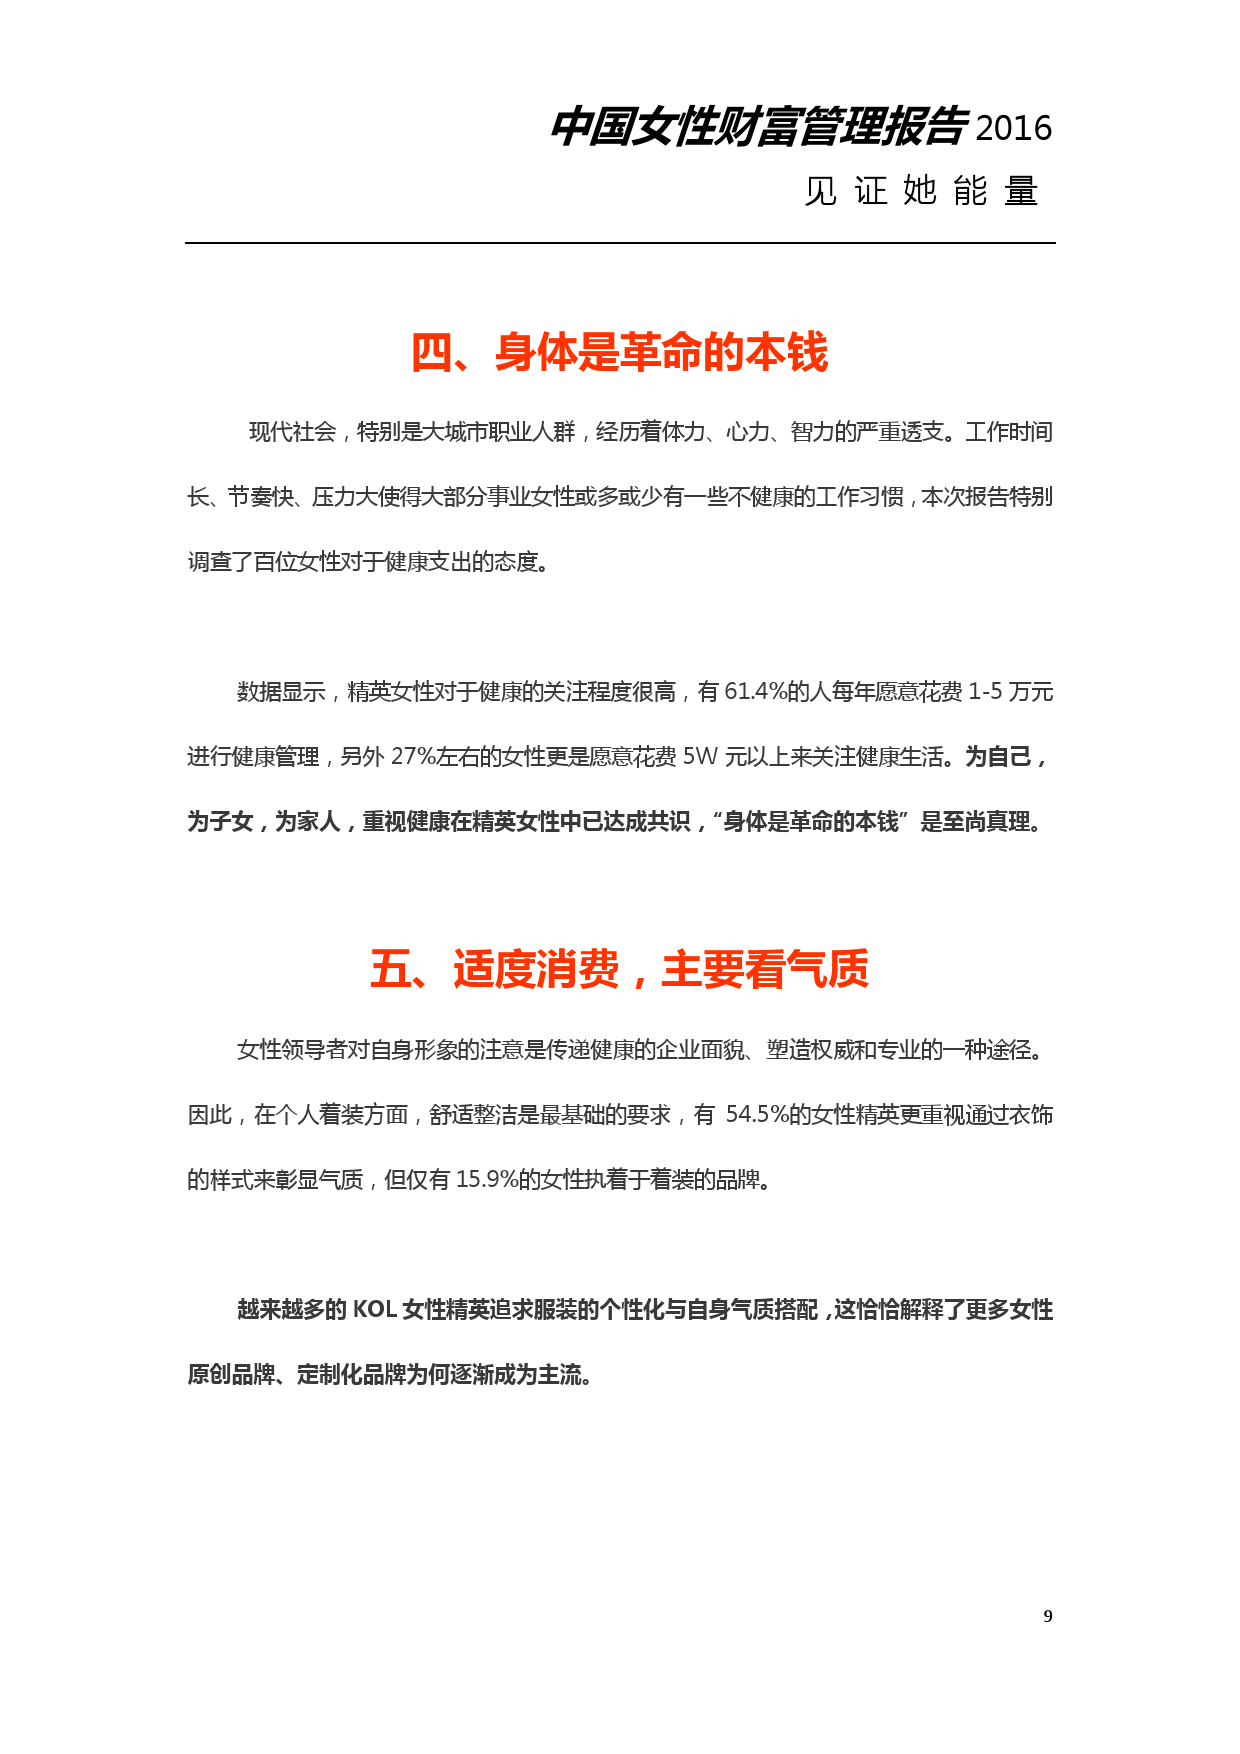 2016年中国女性财富管理报告_000009